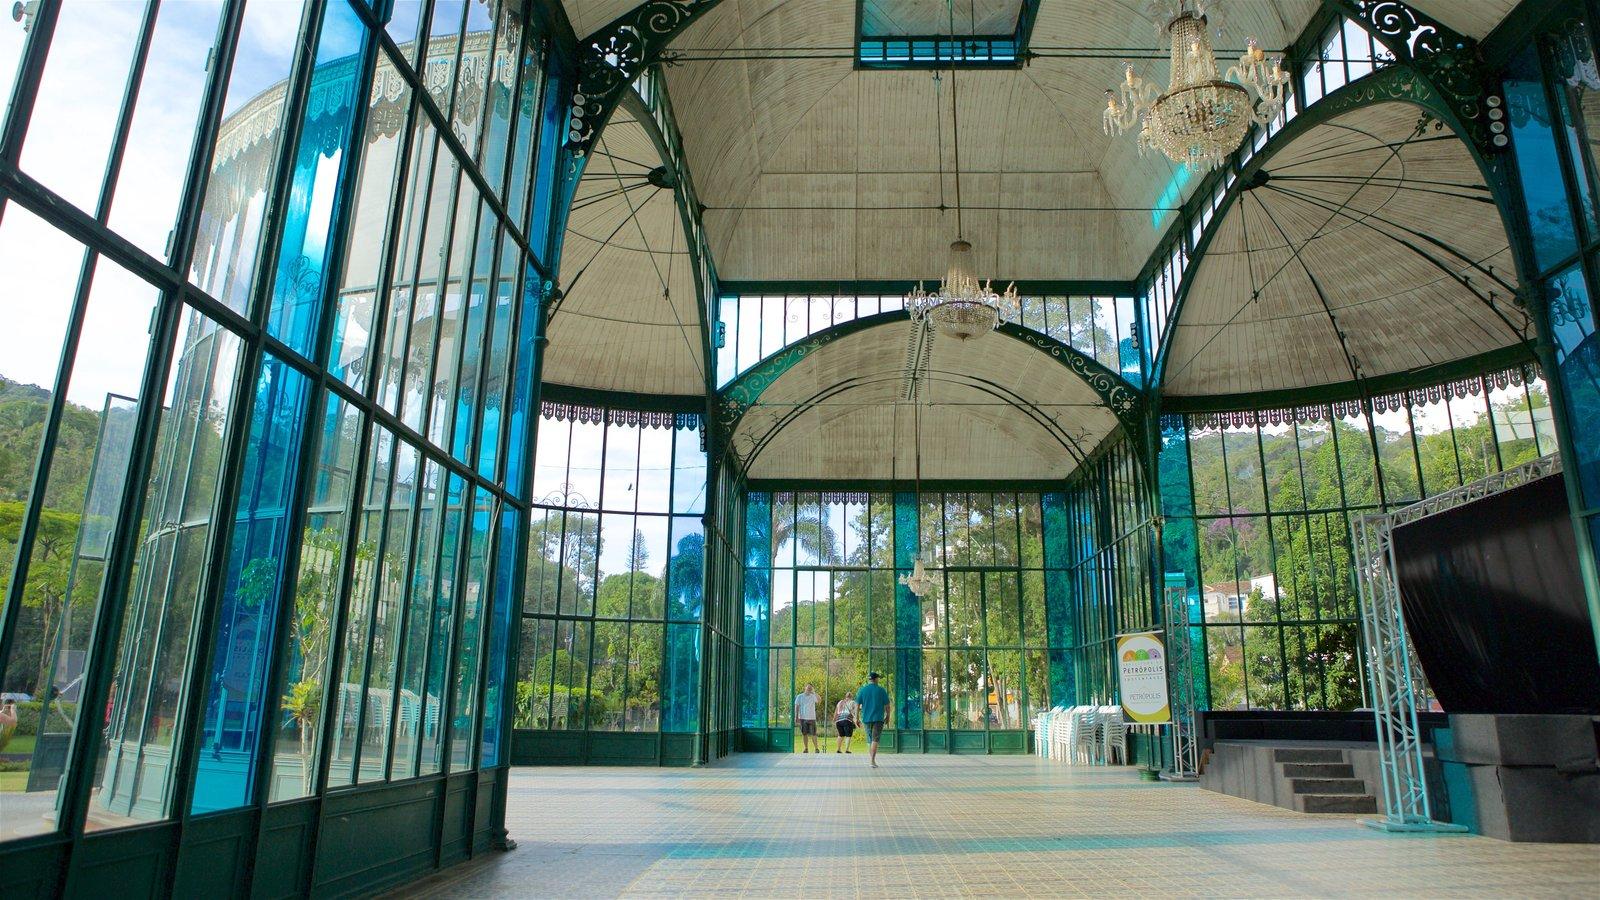 Palácio de Cristal mostrando vistas internas e arquitetura moderna